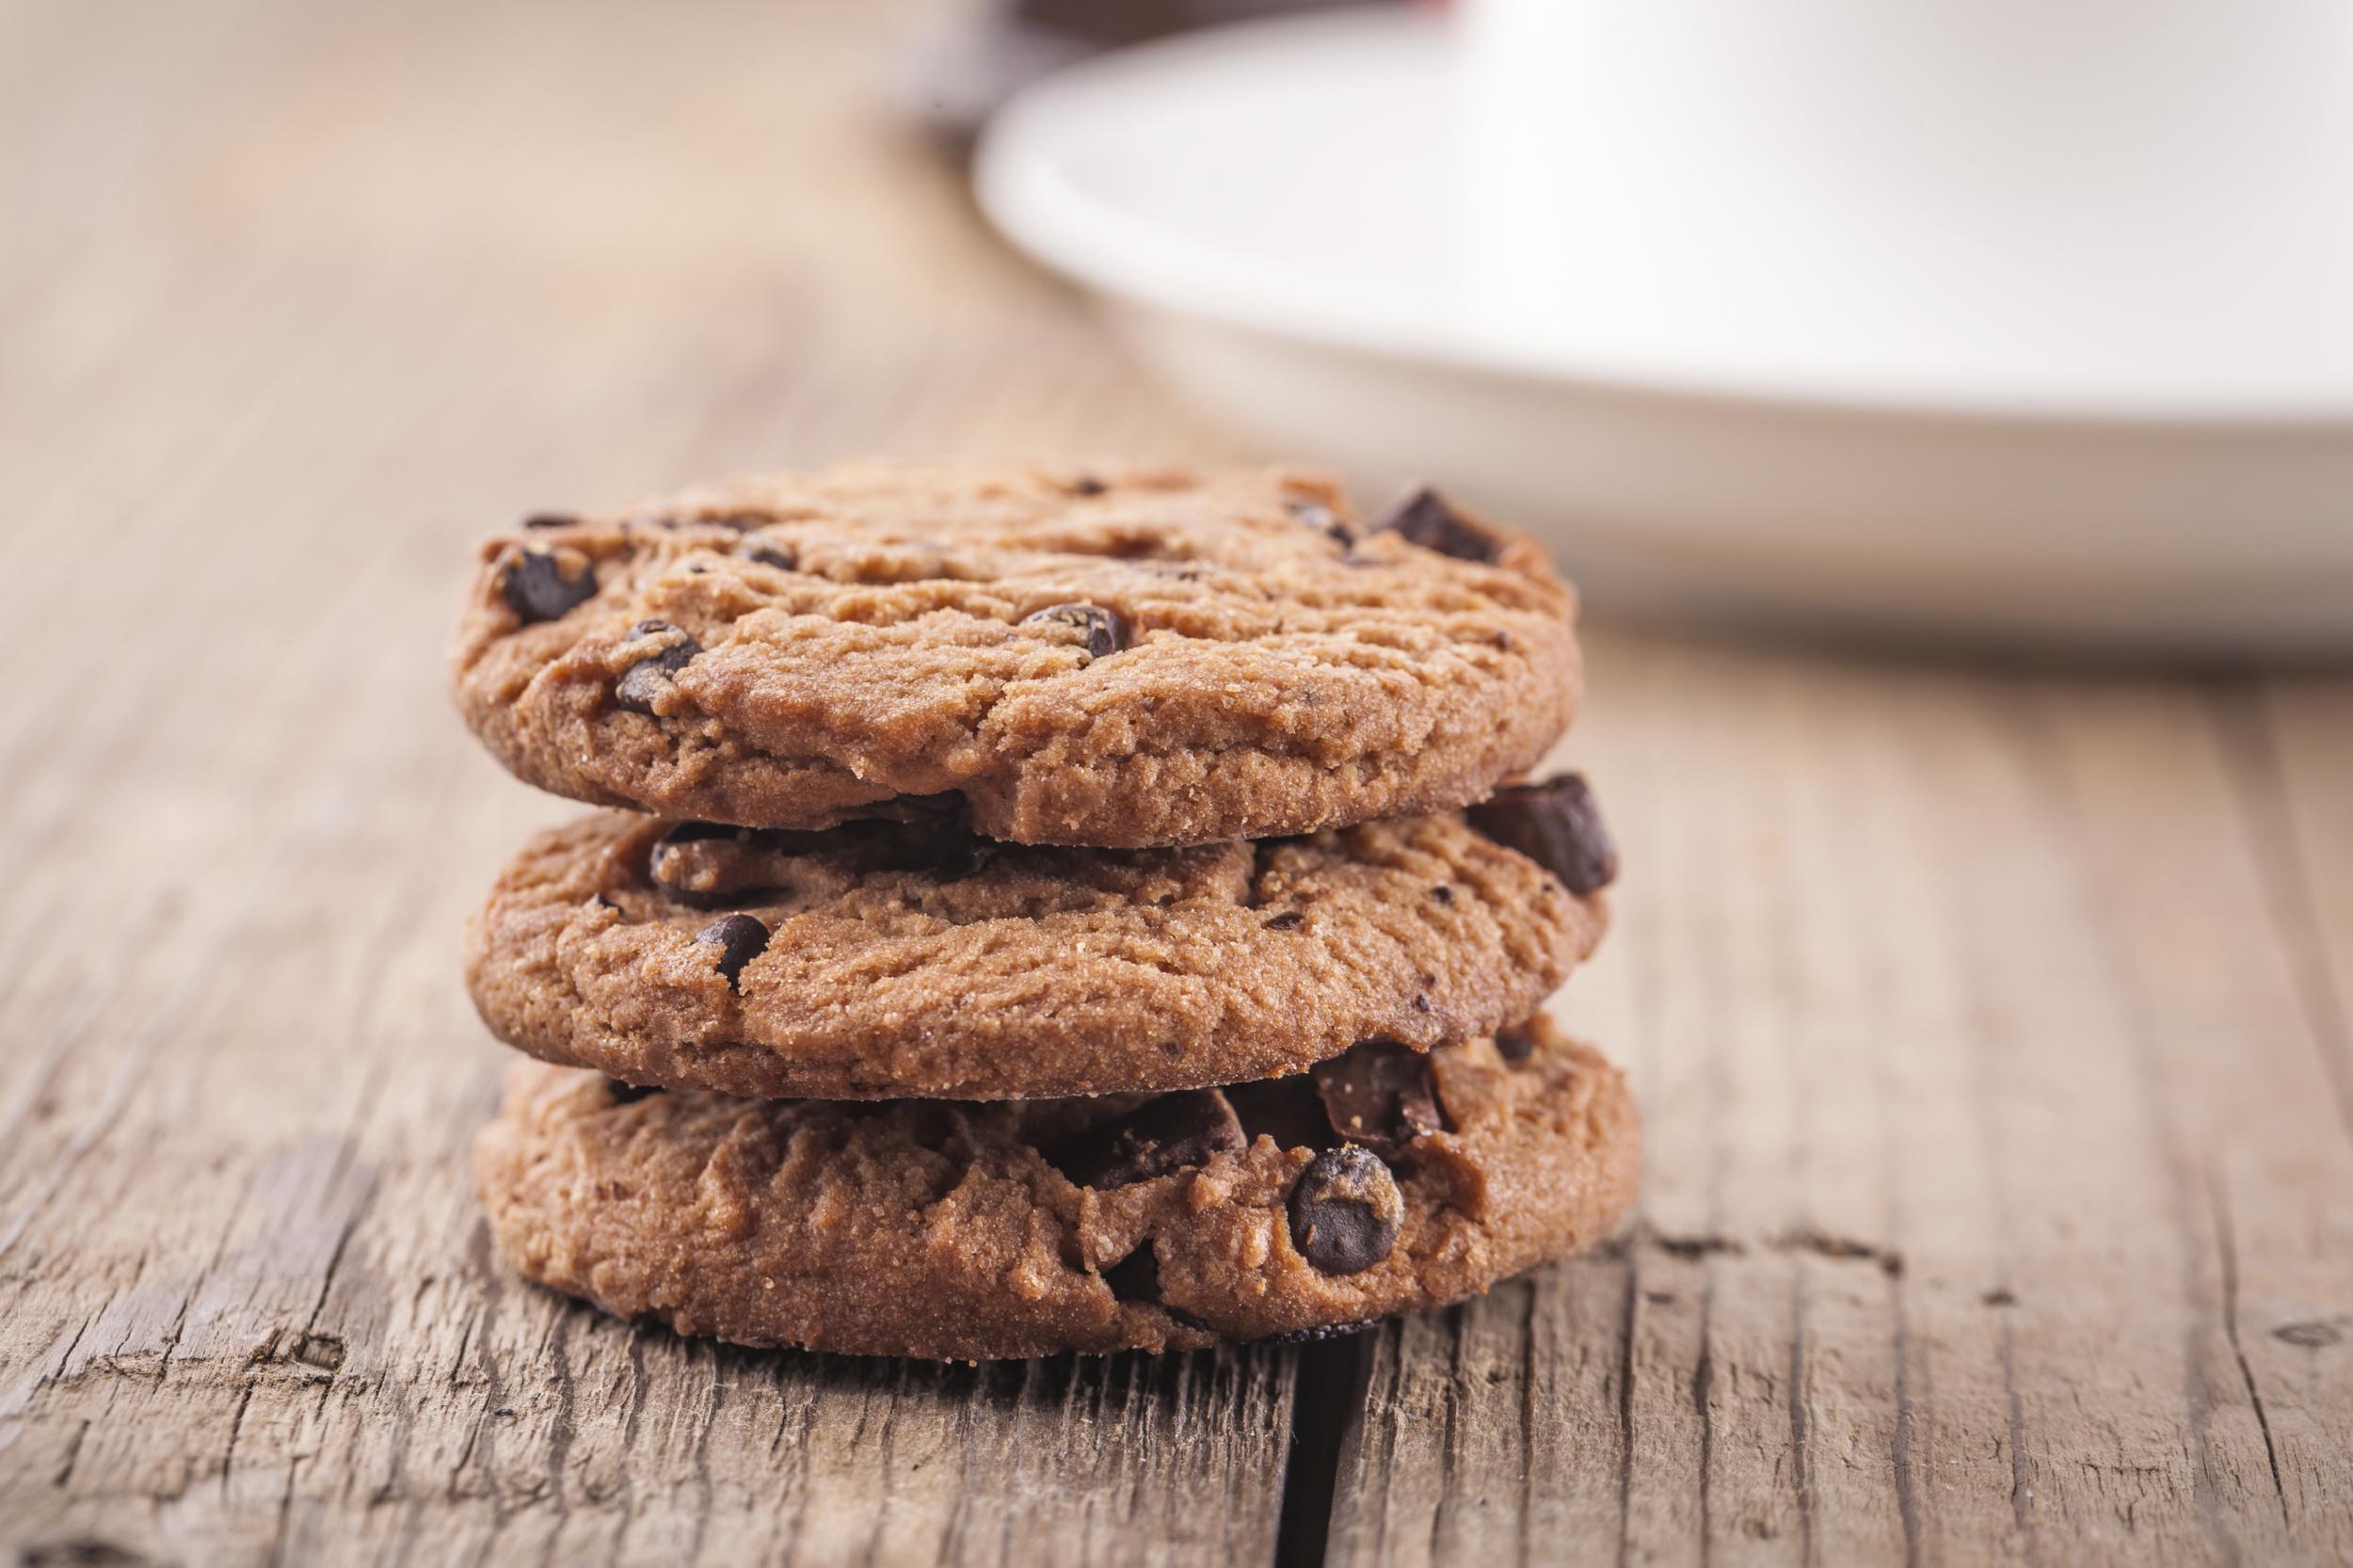 Cookies 28905804_Large.jpg